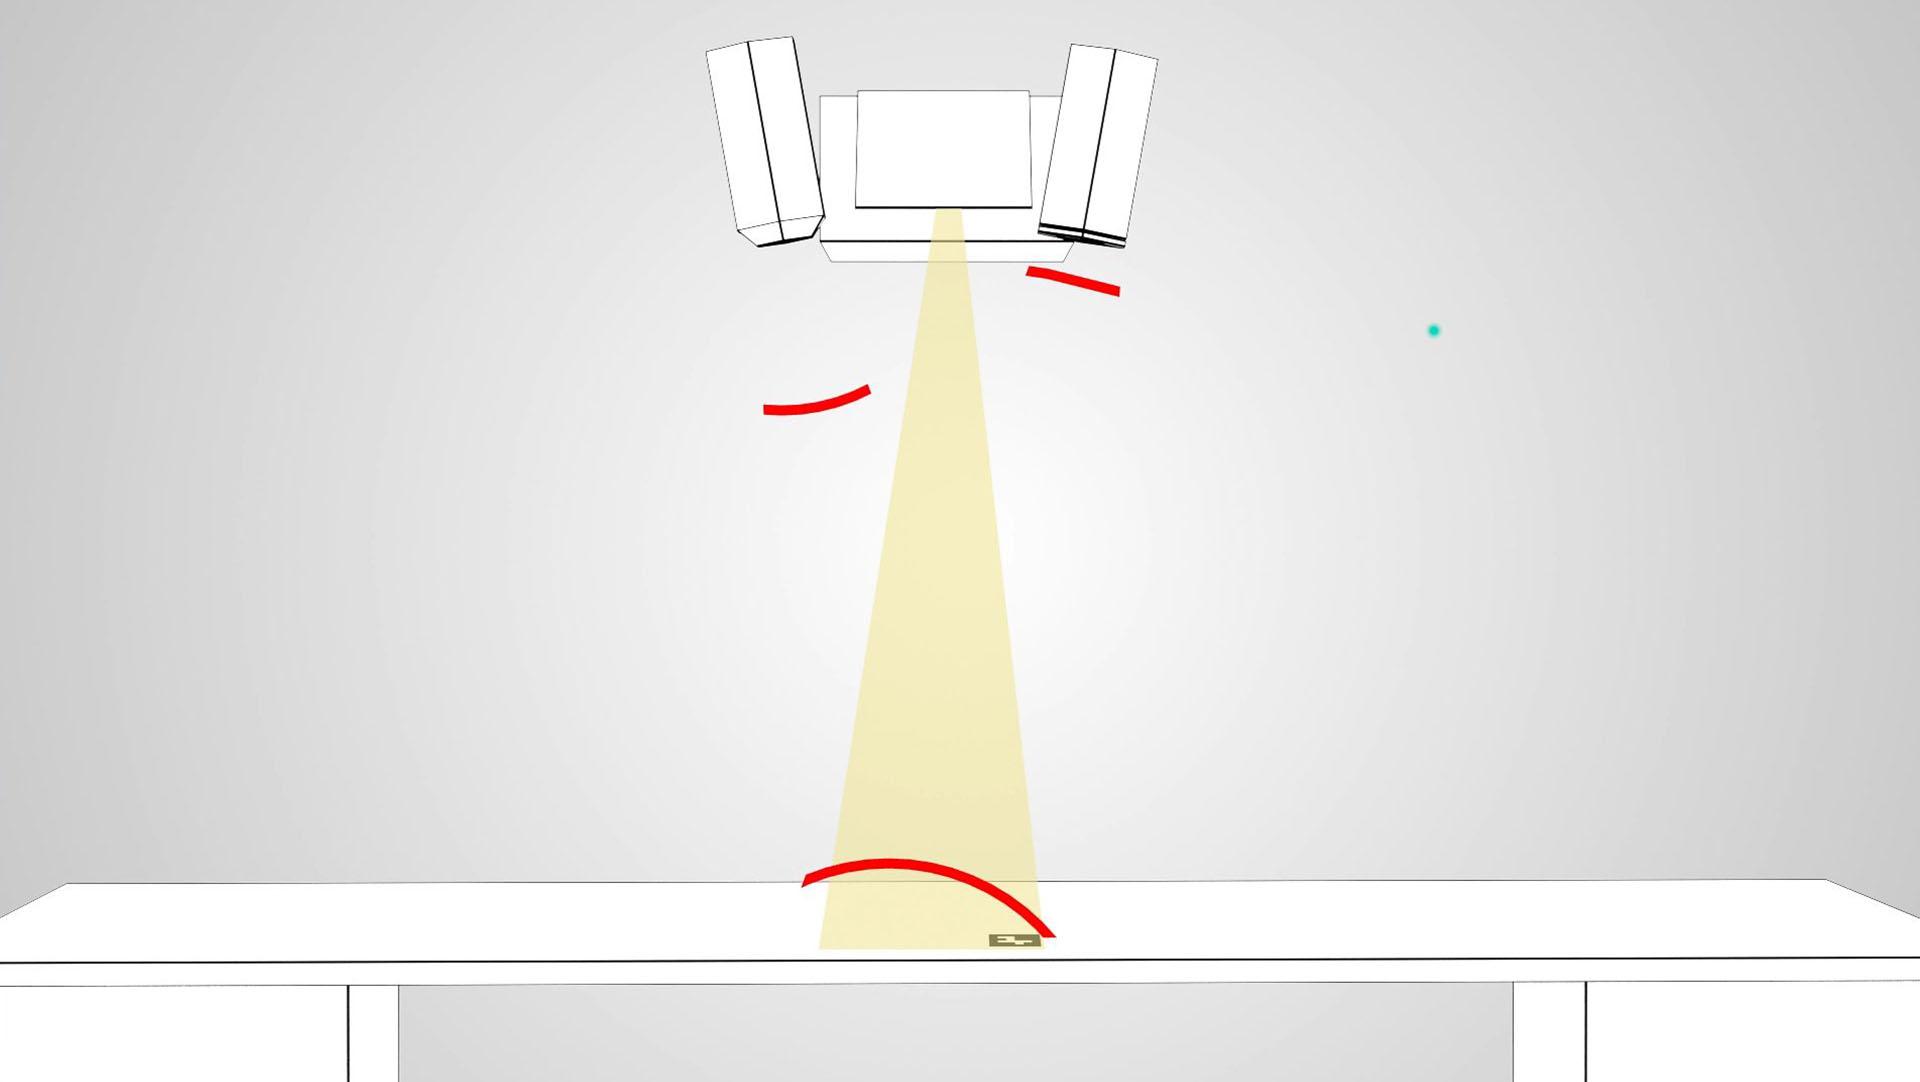 Grafik mit Infrarotkamera und Marker zeigt den Aufbau des interaktiven Fontane Tisches